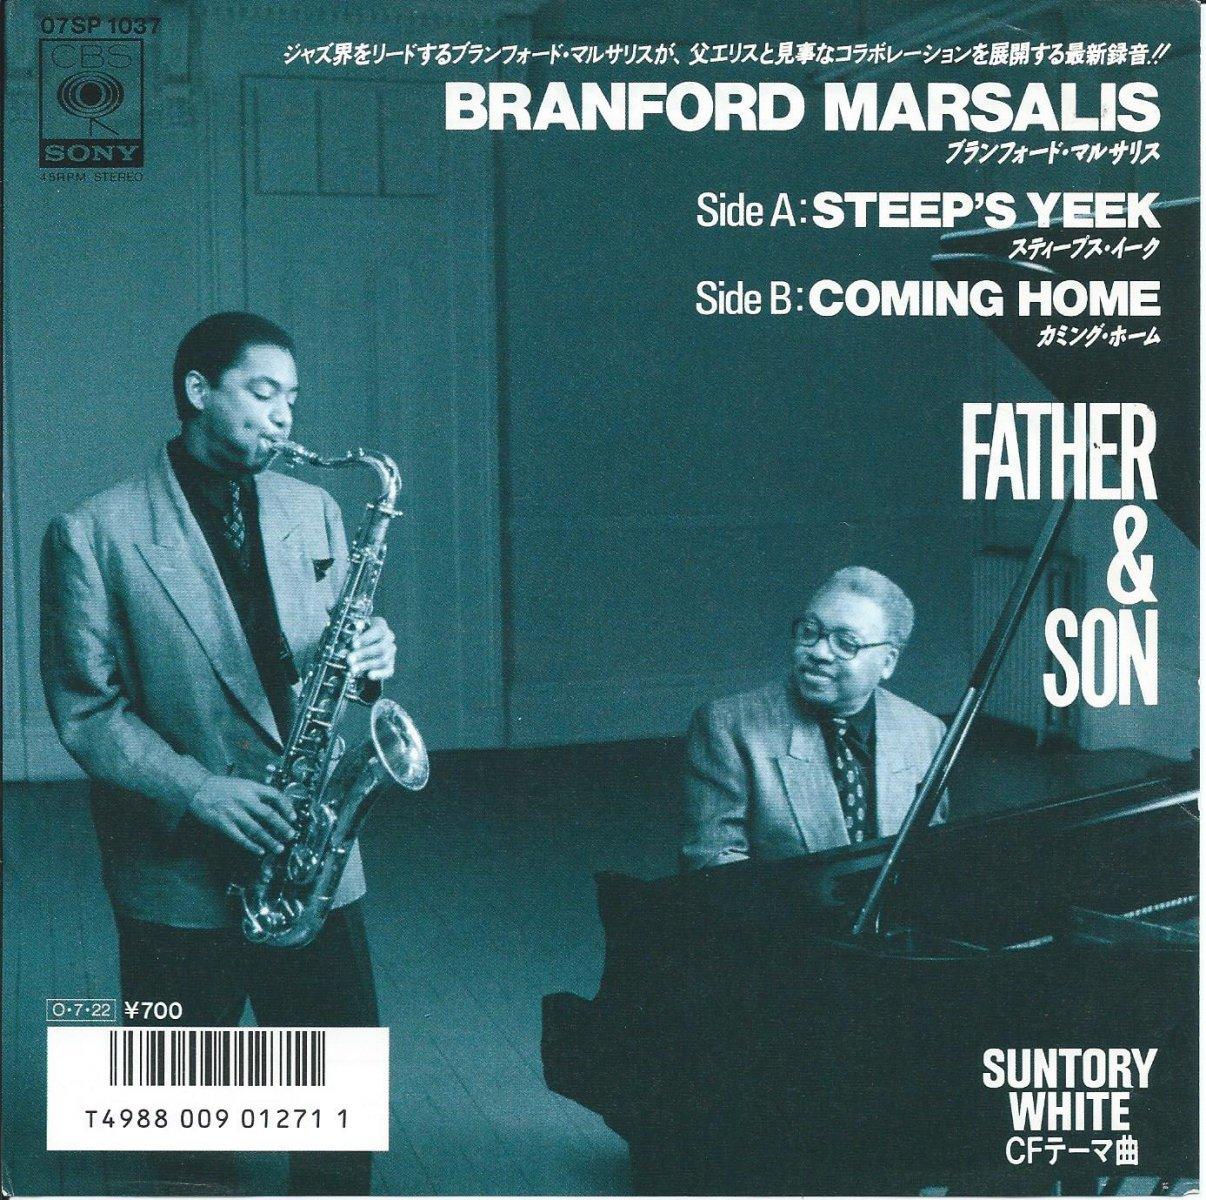 ブランフォード・マルサリス BRANFORD MARSALIS / スティープス・イーク STEEP'S YEEK (7